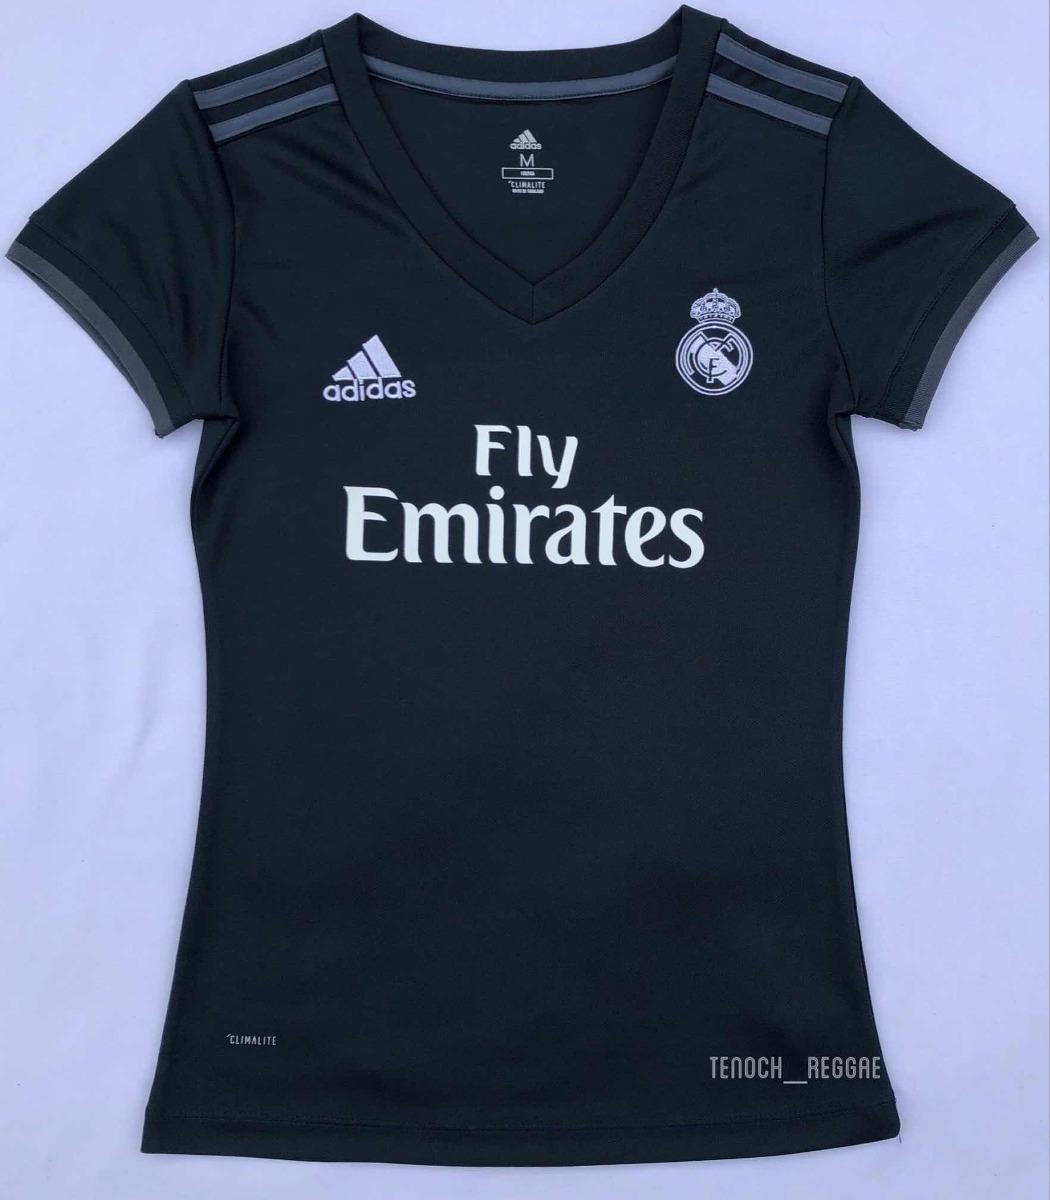 986f9e354fba0 ... Clubes Españoles · Real Madrid. Compartir. Compartir. Vender uno igual. jersey  playera blusa real madrid visita dama 2018-2019. Cargando zoom.